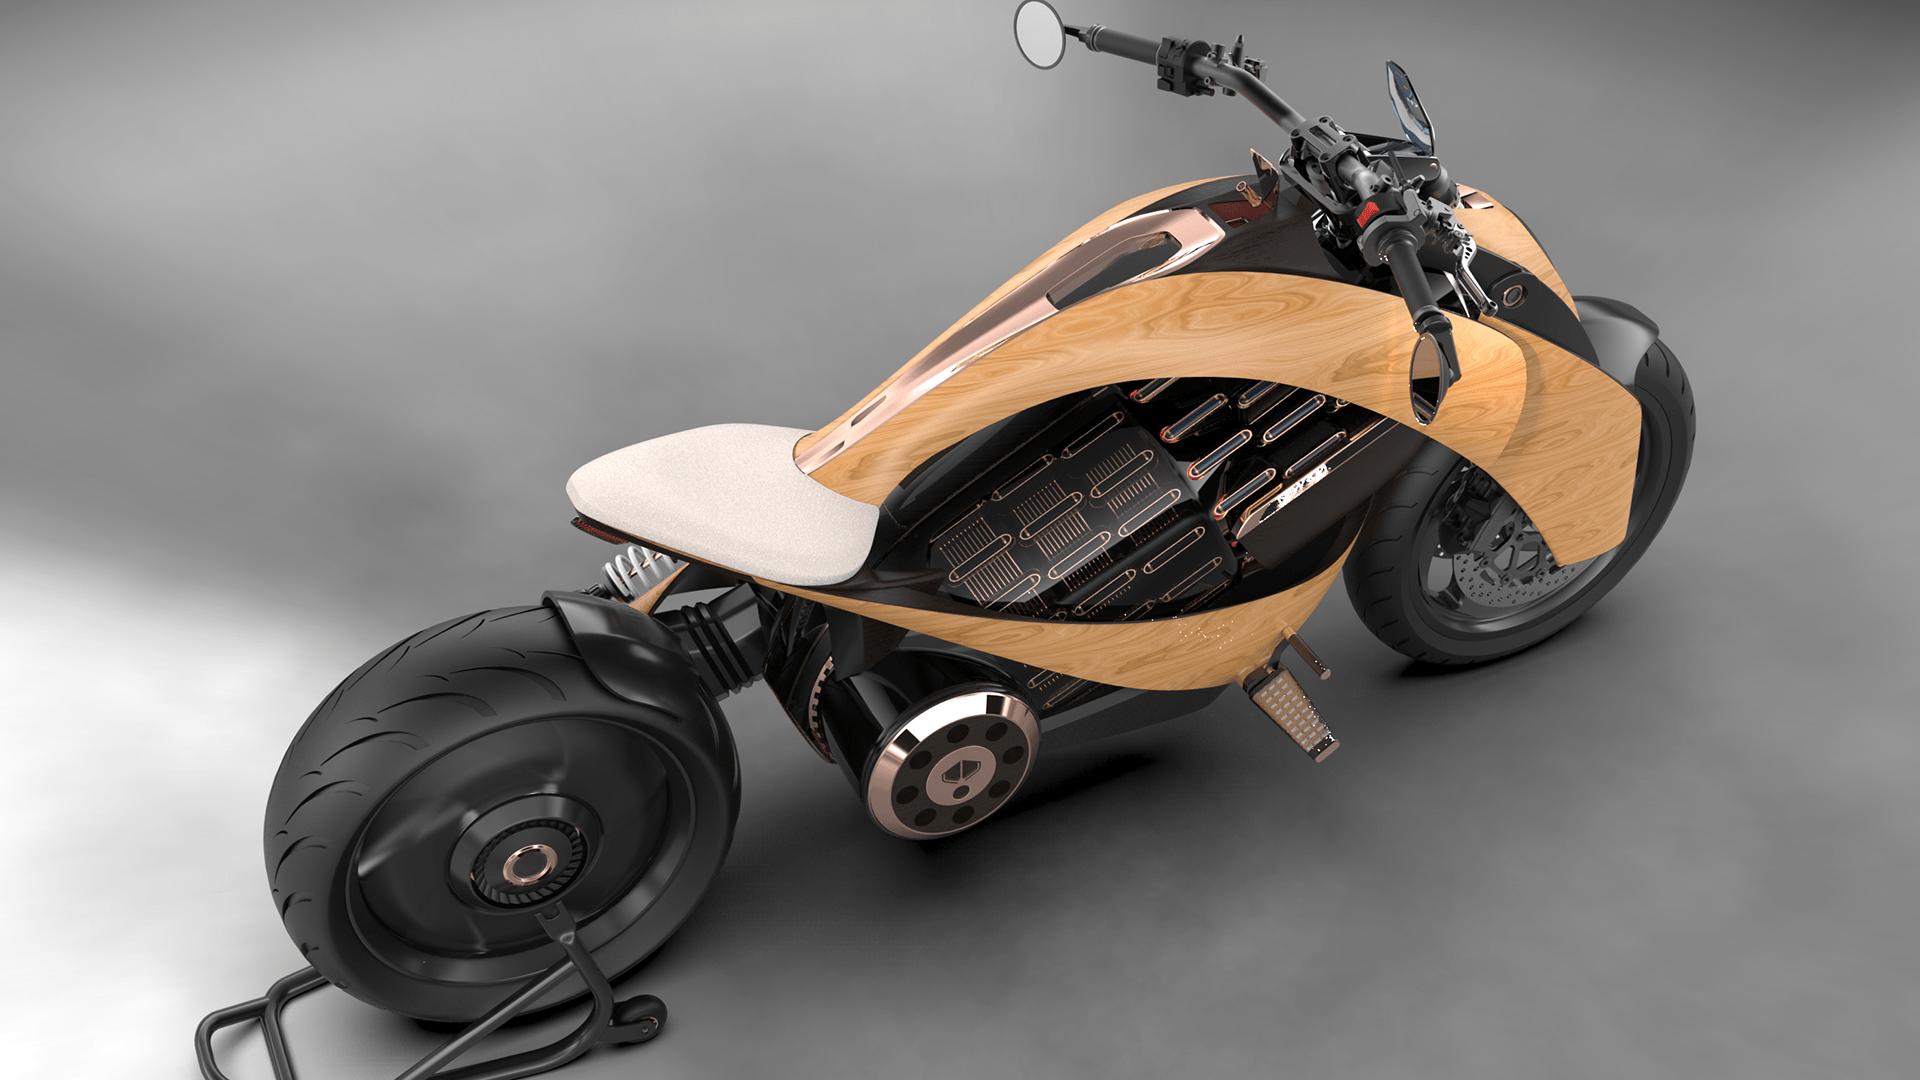 Этот электрический мотоцикл стоит ваших заработанных денег! Байков всего 12!